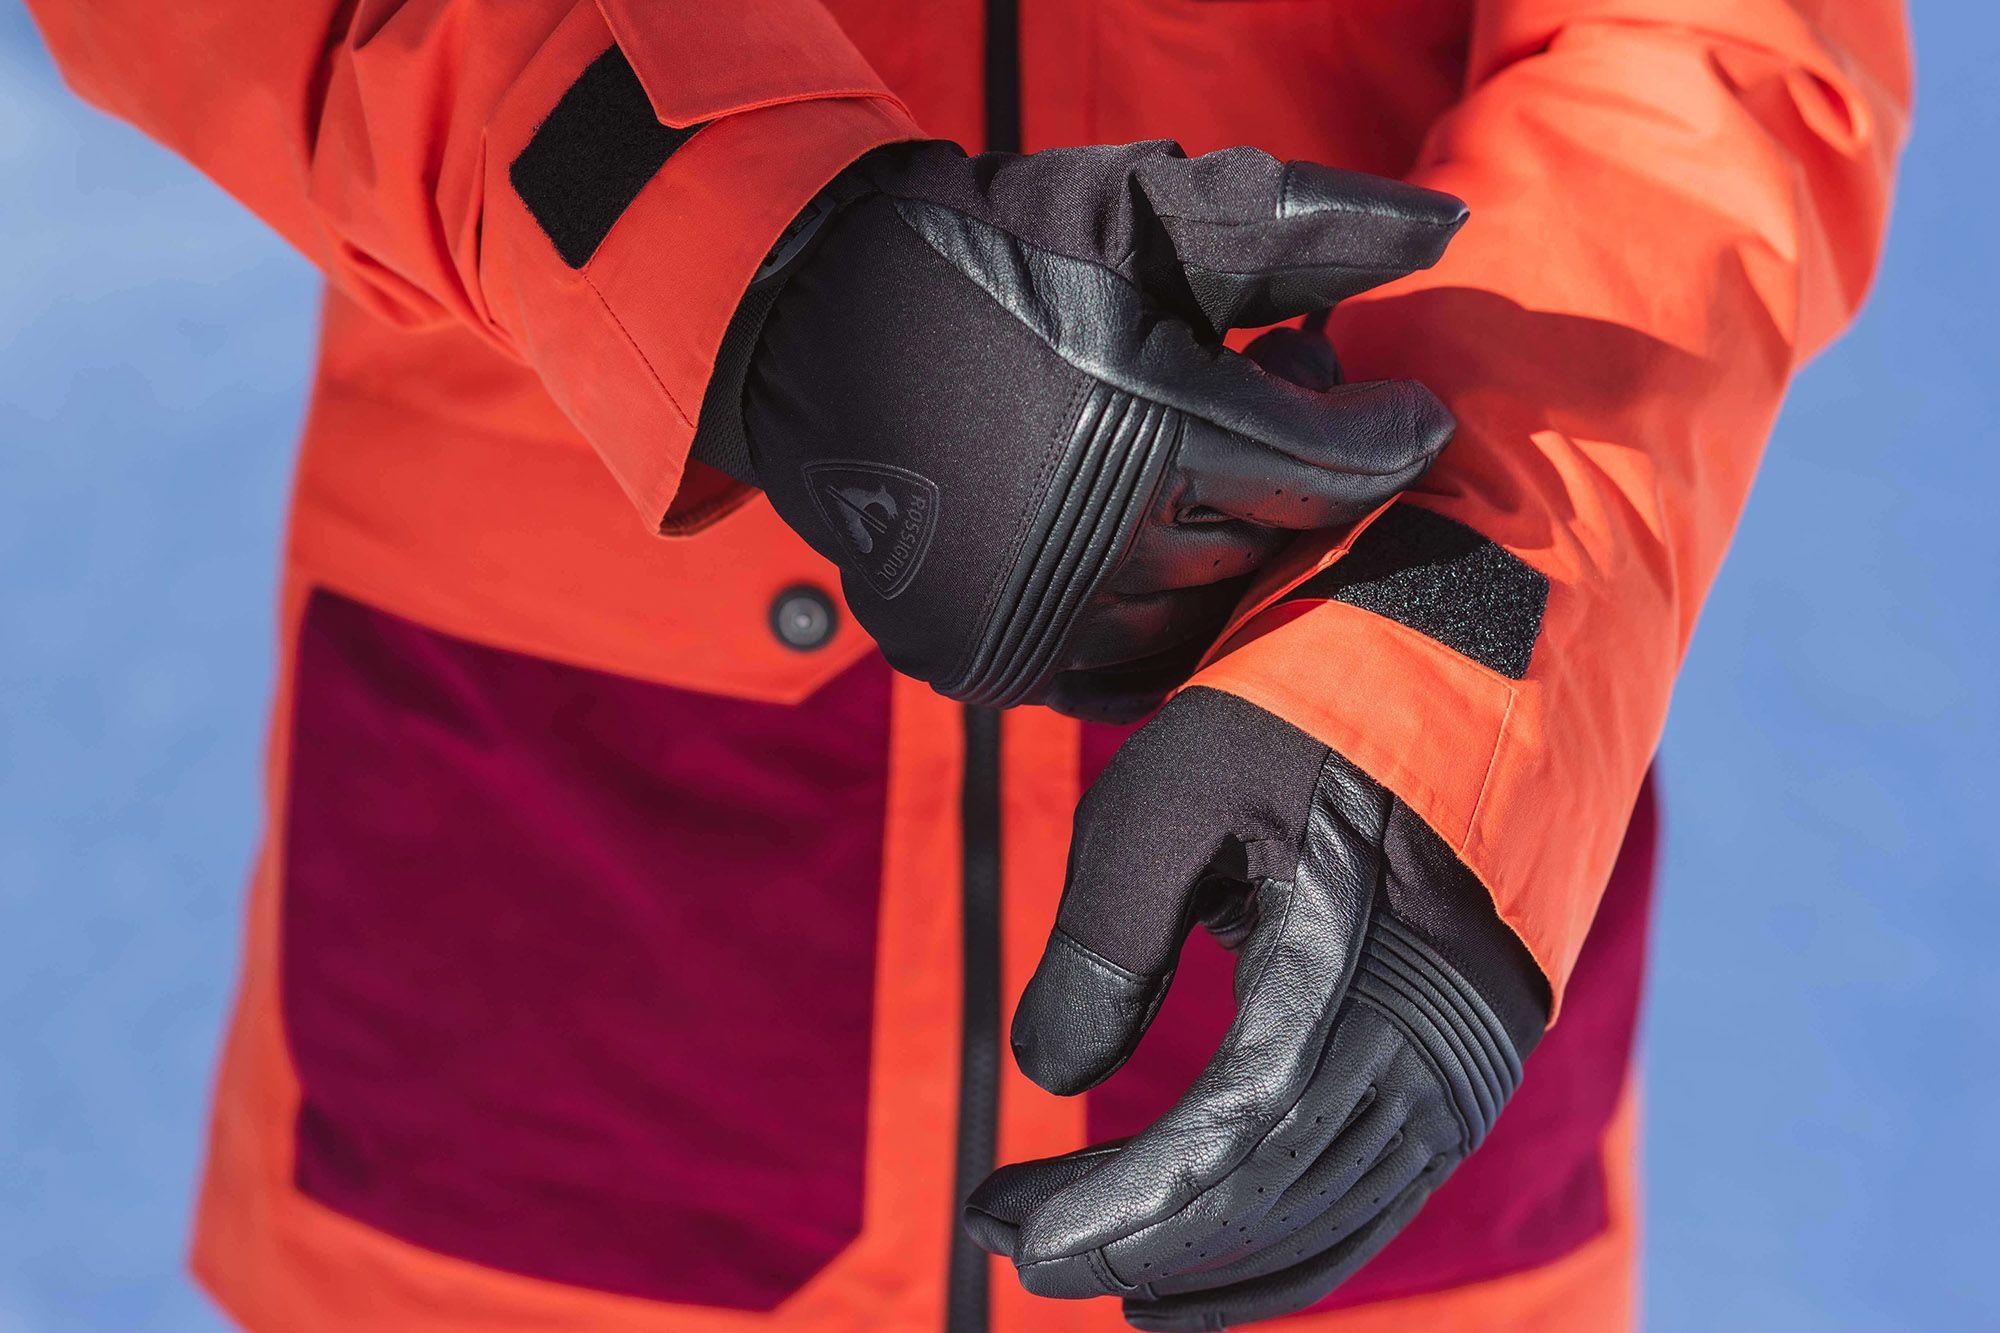 Rękawice narciarskie – najciekawsze propozycje ostatniego sezonu